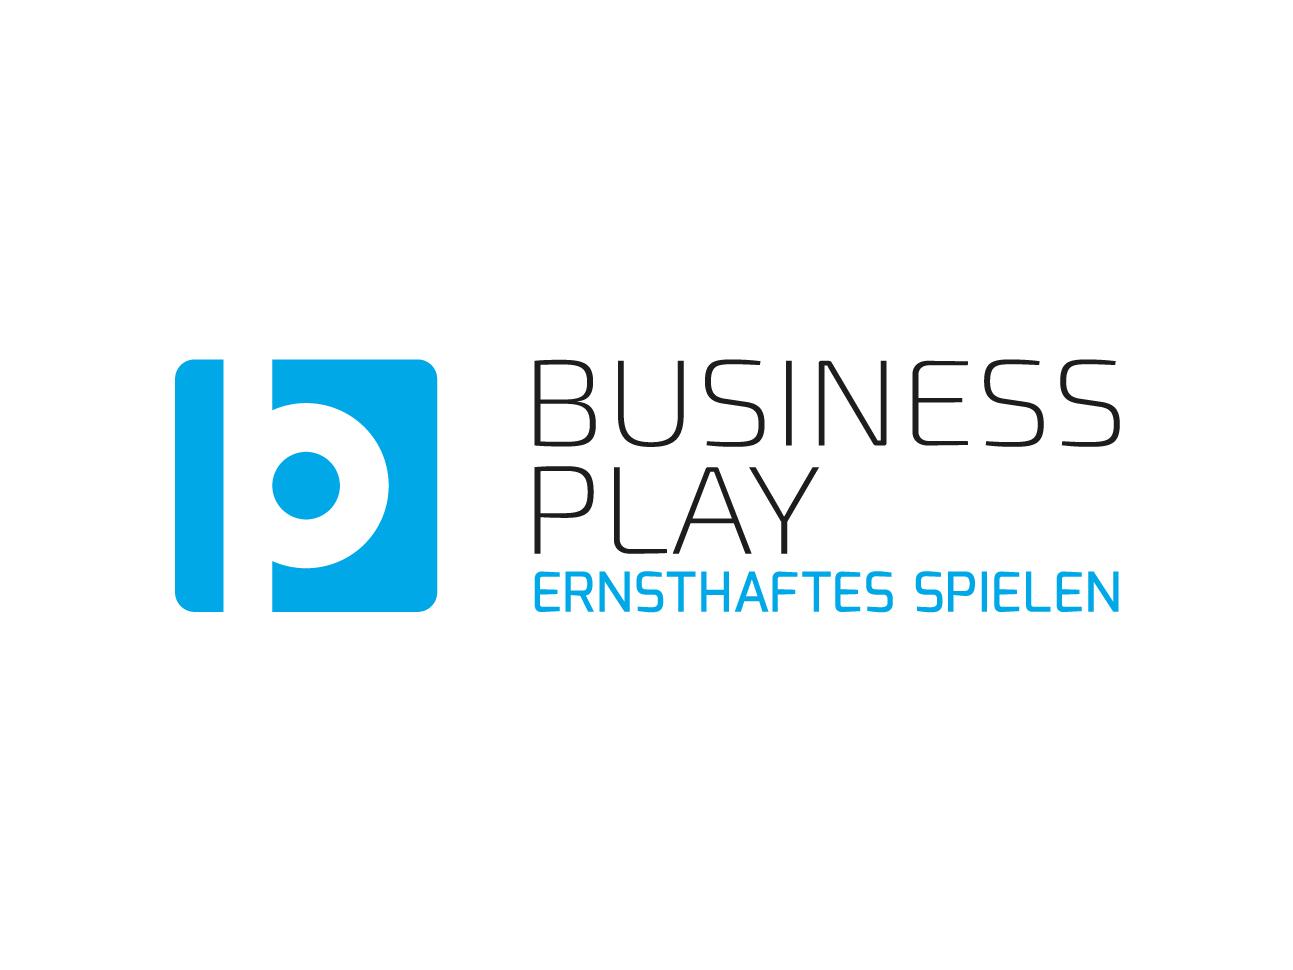 martin zech design, corporate-design, business play, logo